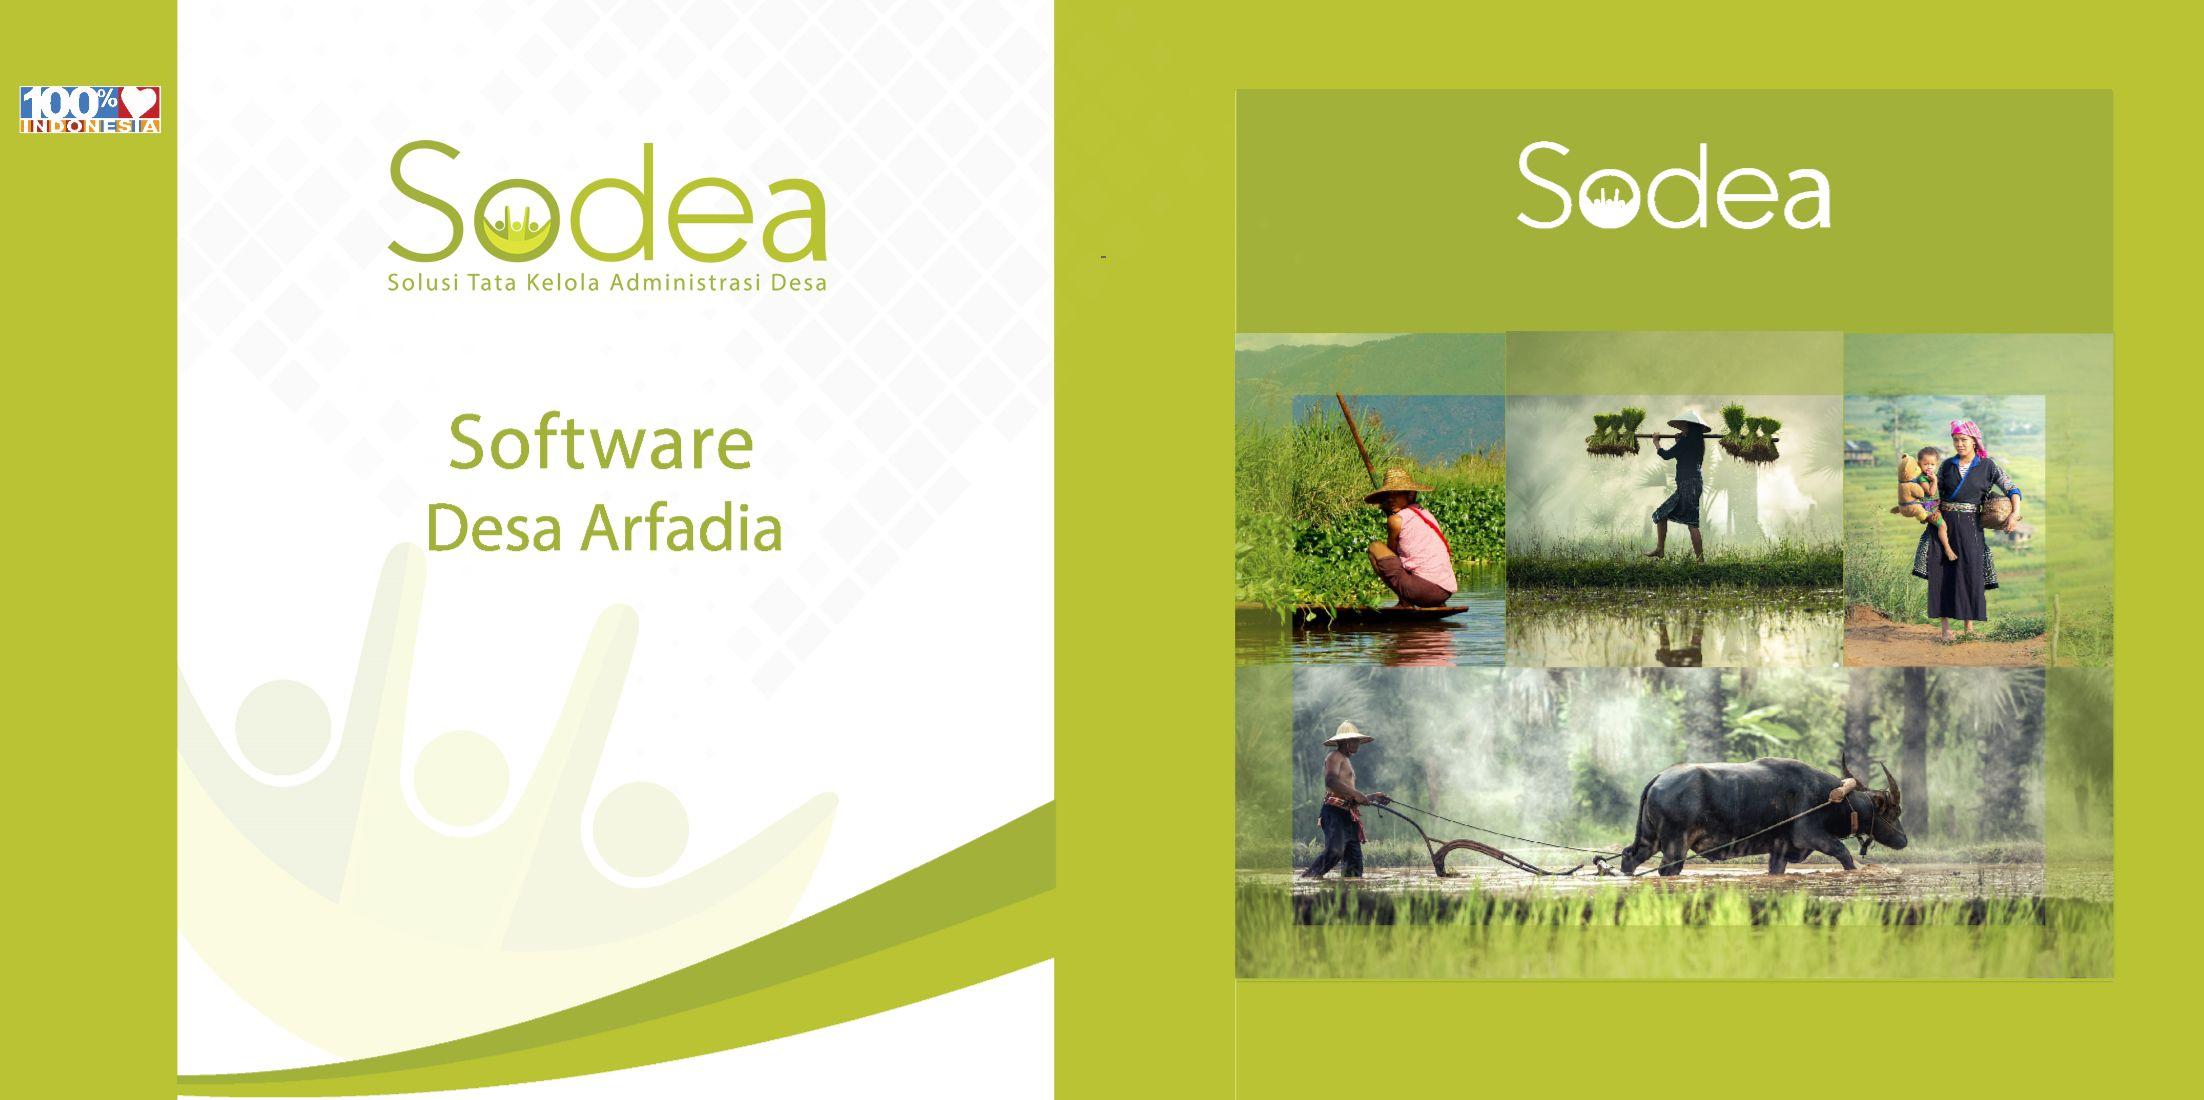 Sodea Software Desa Arfadia Adalah Solusi Terbaik Sistem Informasi Untuk Pemerintahan Desa Untuk Pelayana Sistem Informasi Manajemen Administrasi Publik Buku